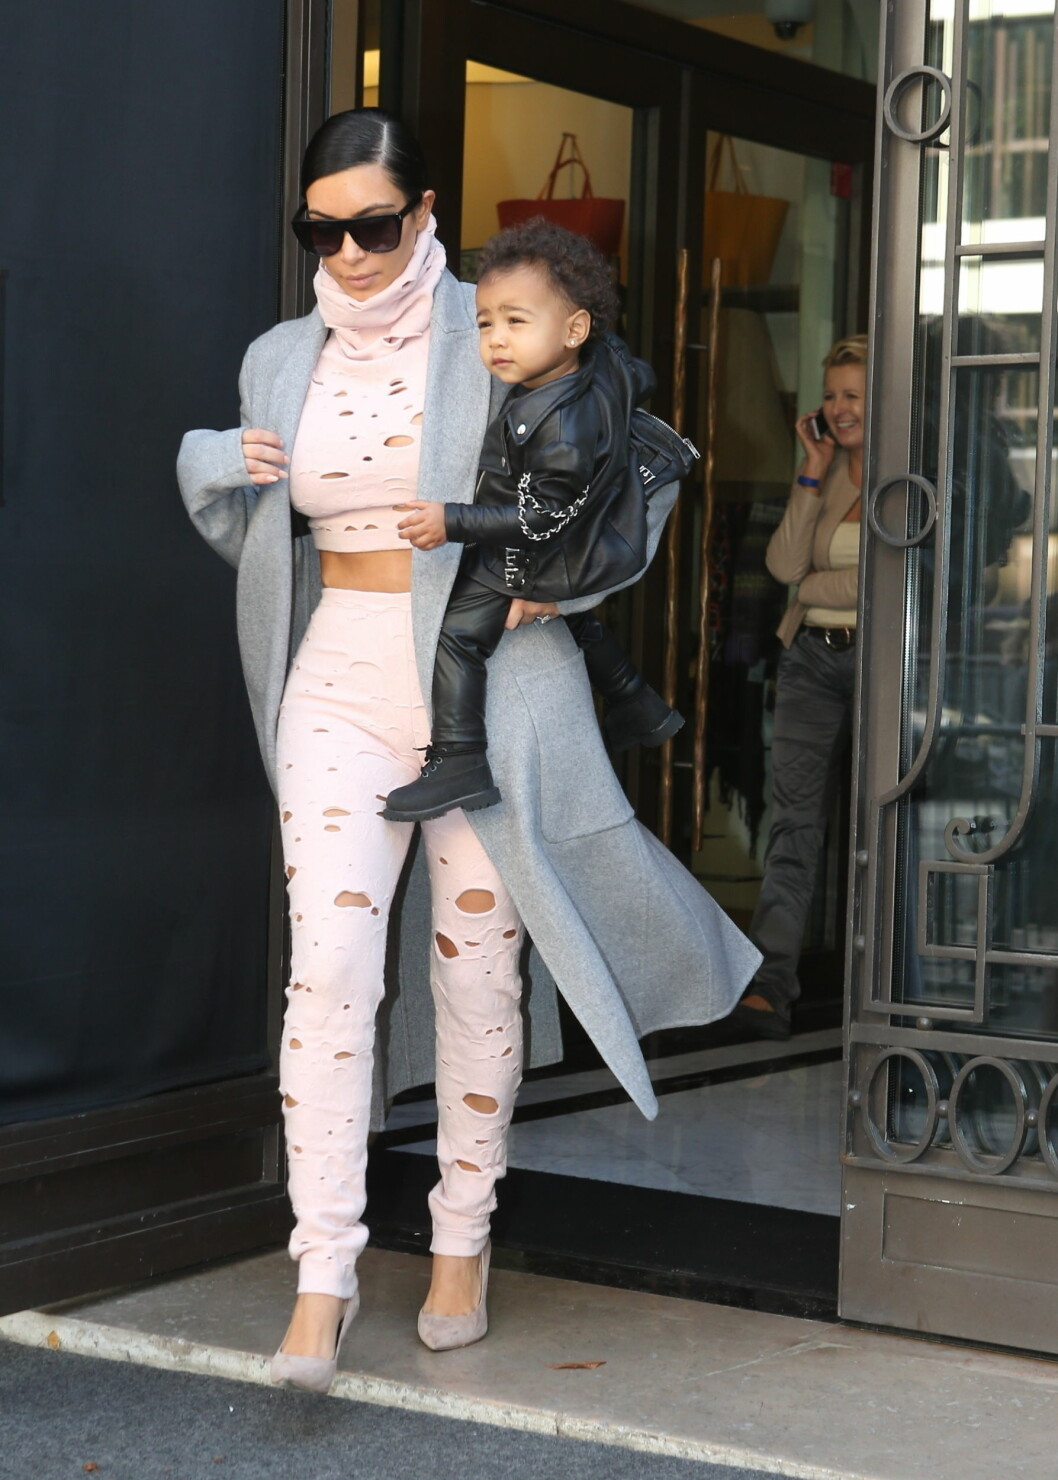 OOPS: Kim Kardashian måtte inn igjen på hotellet Royal Monceau i Paris for å hente datteren North i starten av oktober. Stjernefamilien stod da på farten tilbake til USA. Foto: Stella Pictures